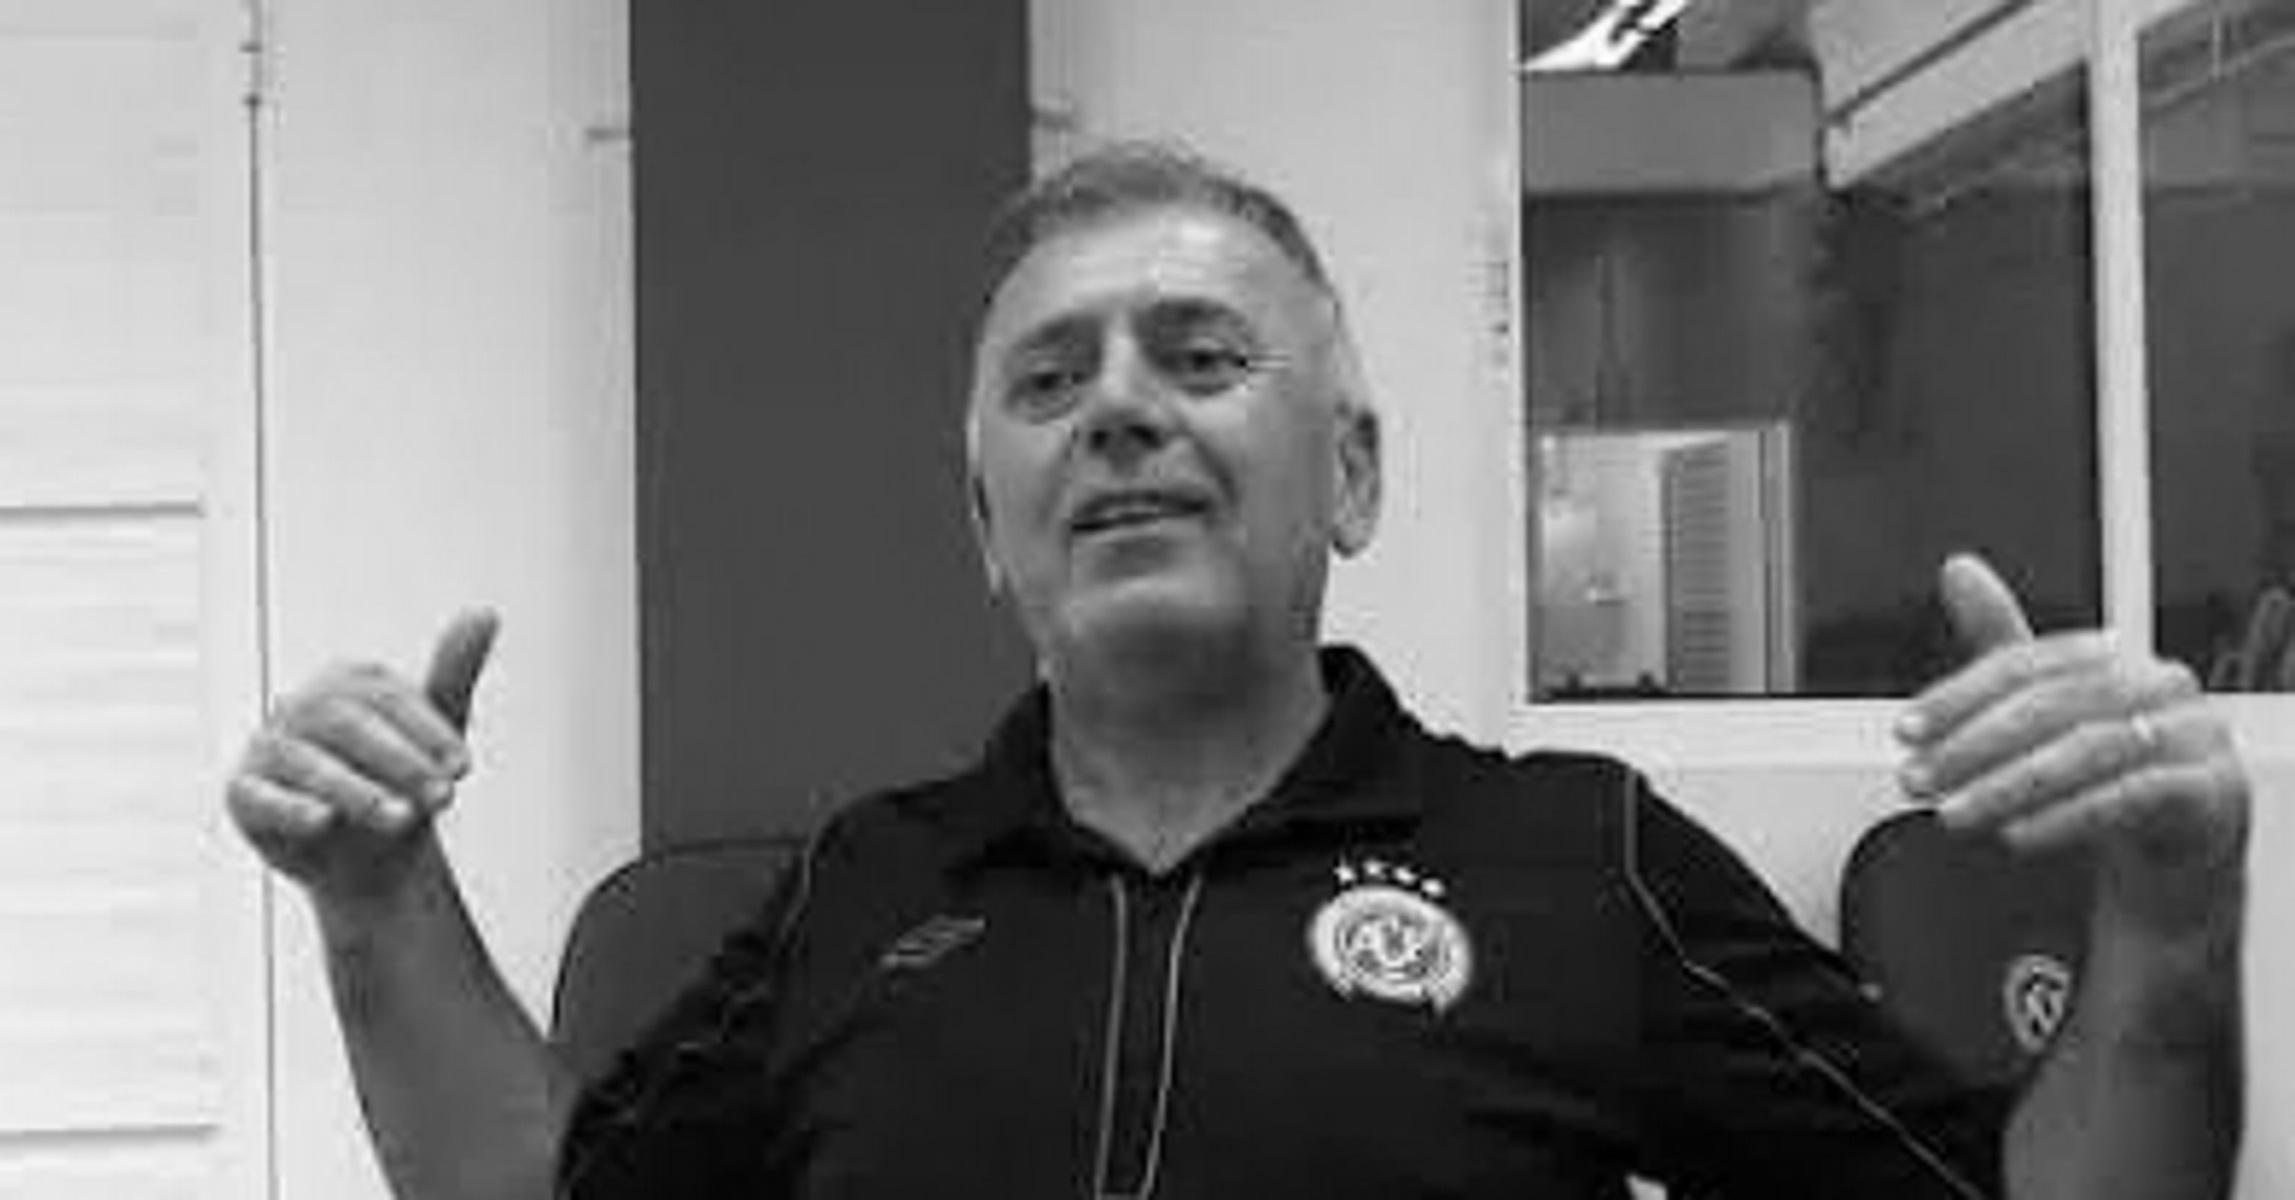 Τραγωδία ξανά για τη Σαπεκοένσε – Πέθανε από κορονοϊό ο πρόεδρος της ομάδας